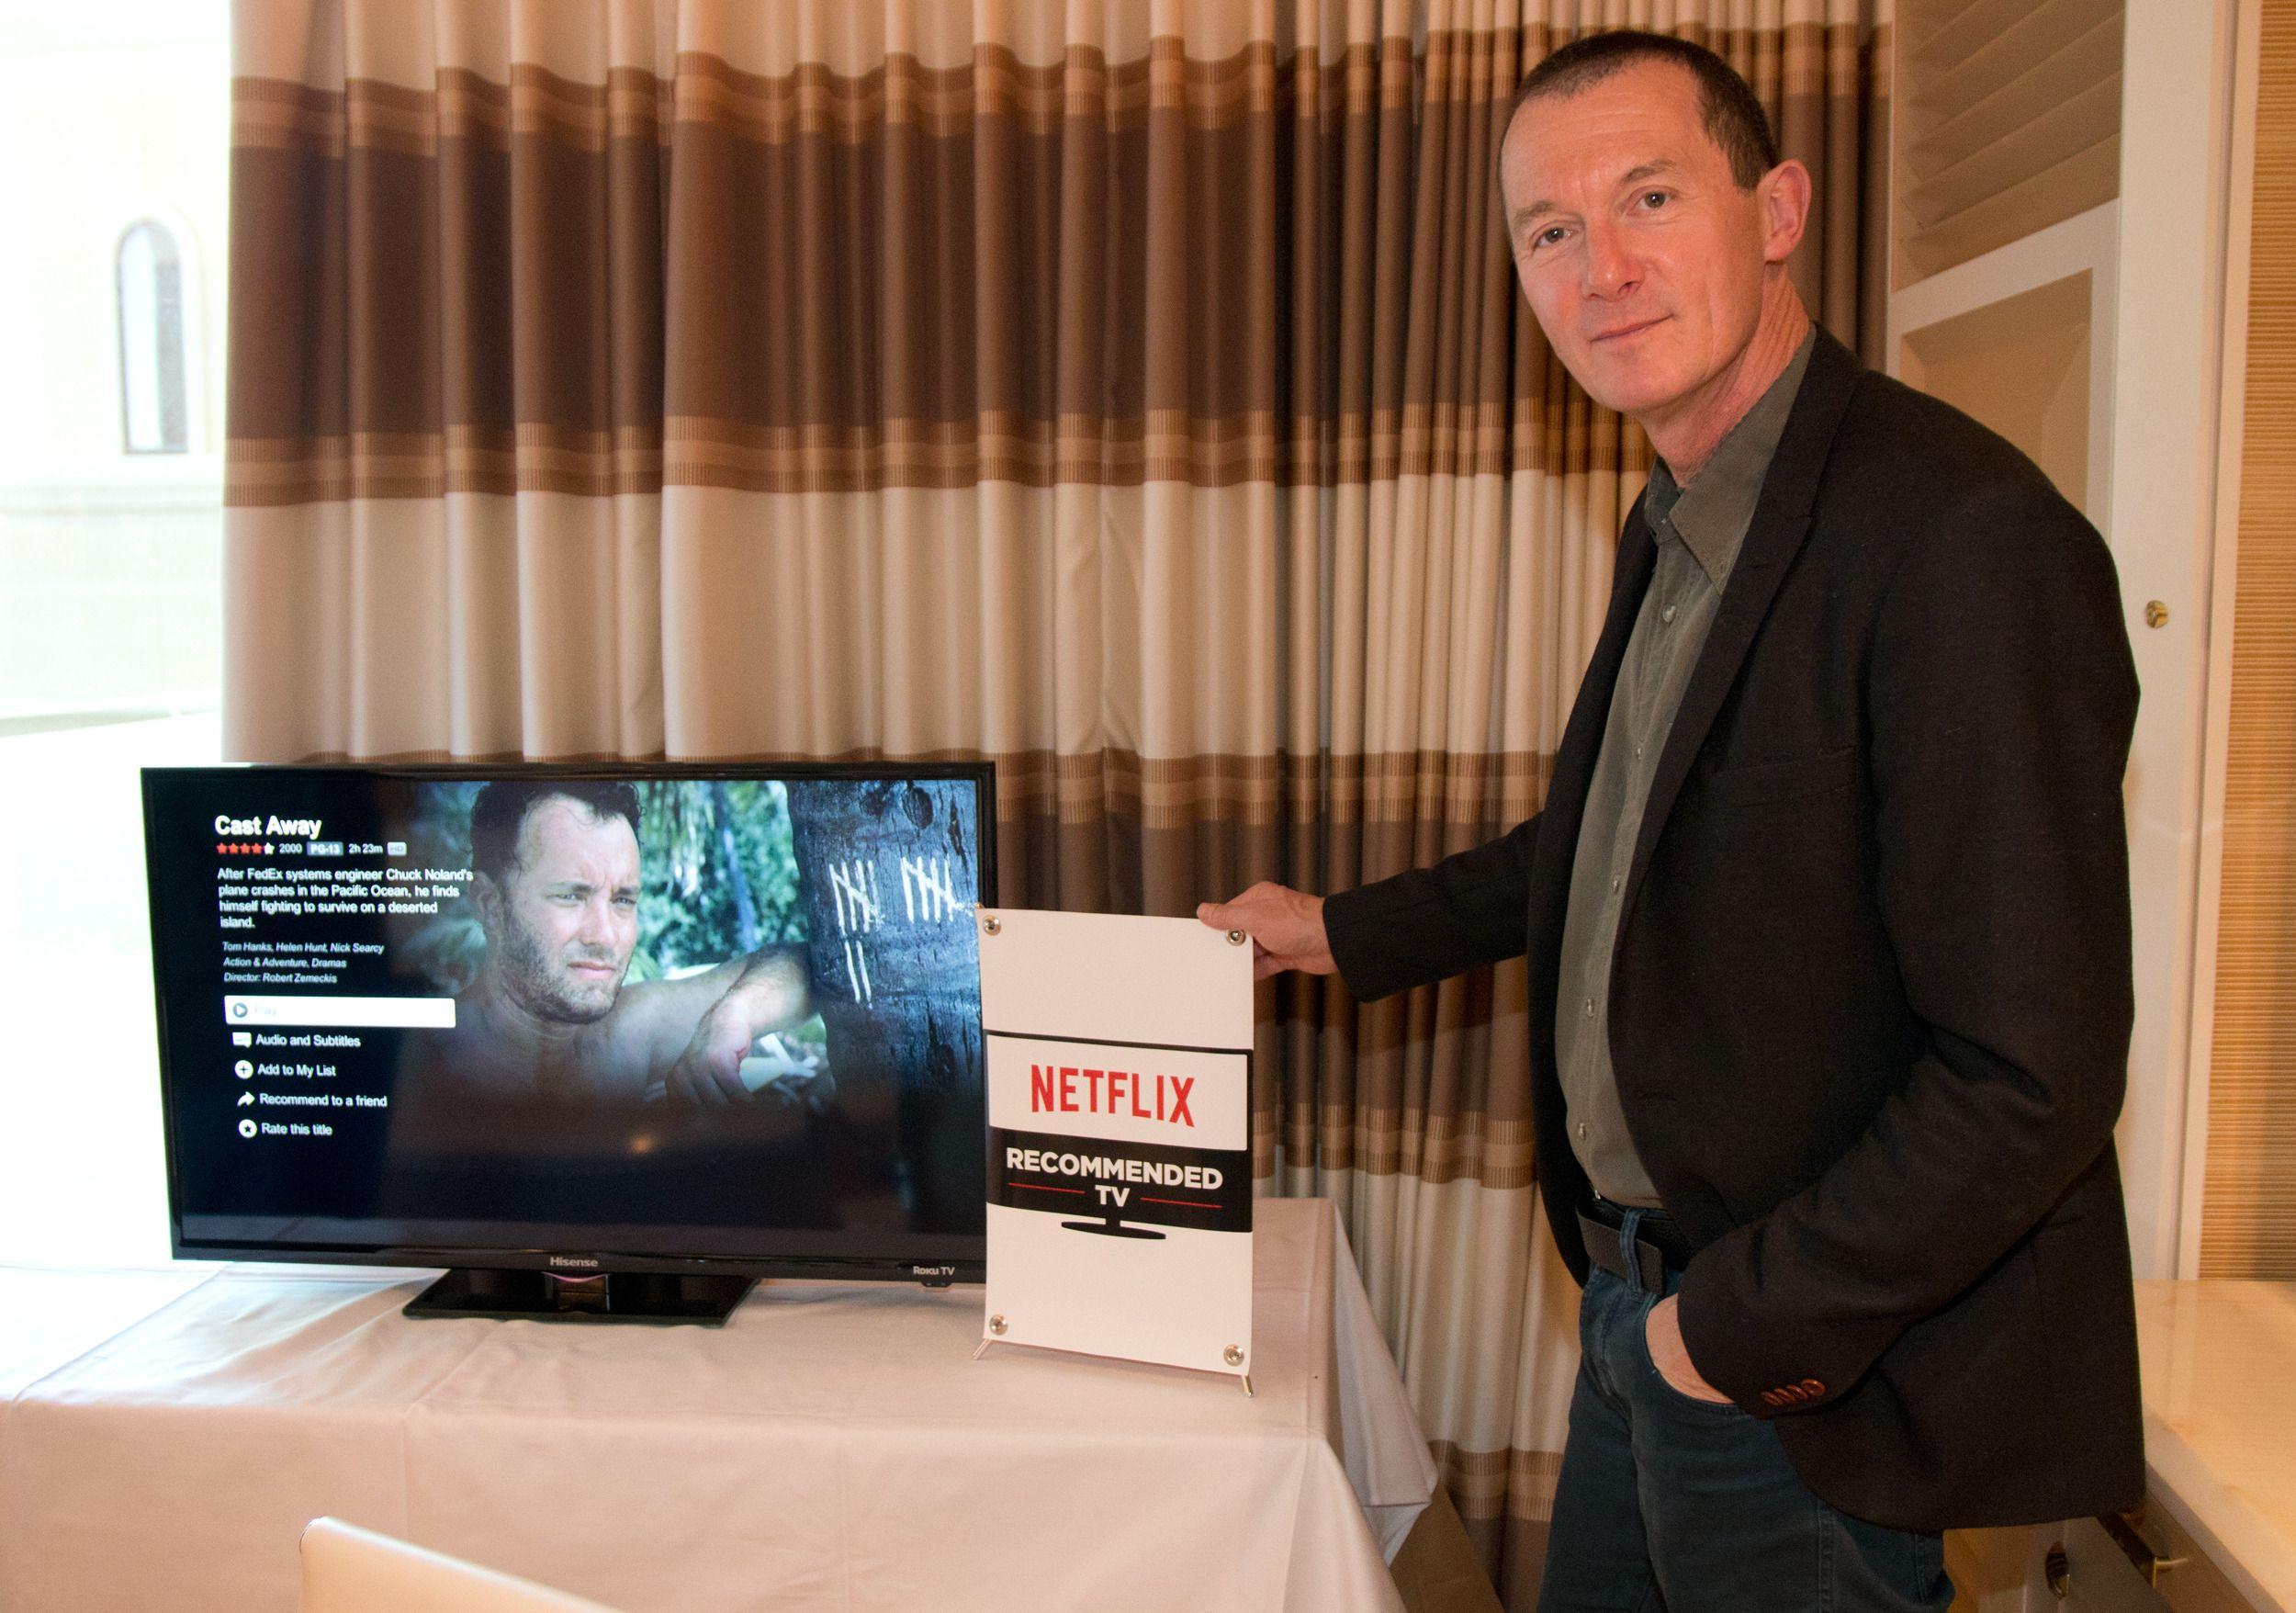 Neil Hunt vil gjerne ha egen merking på TV-ene. Foto: Rolf B. Wegner, Tek.no